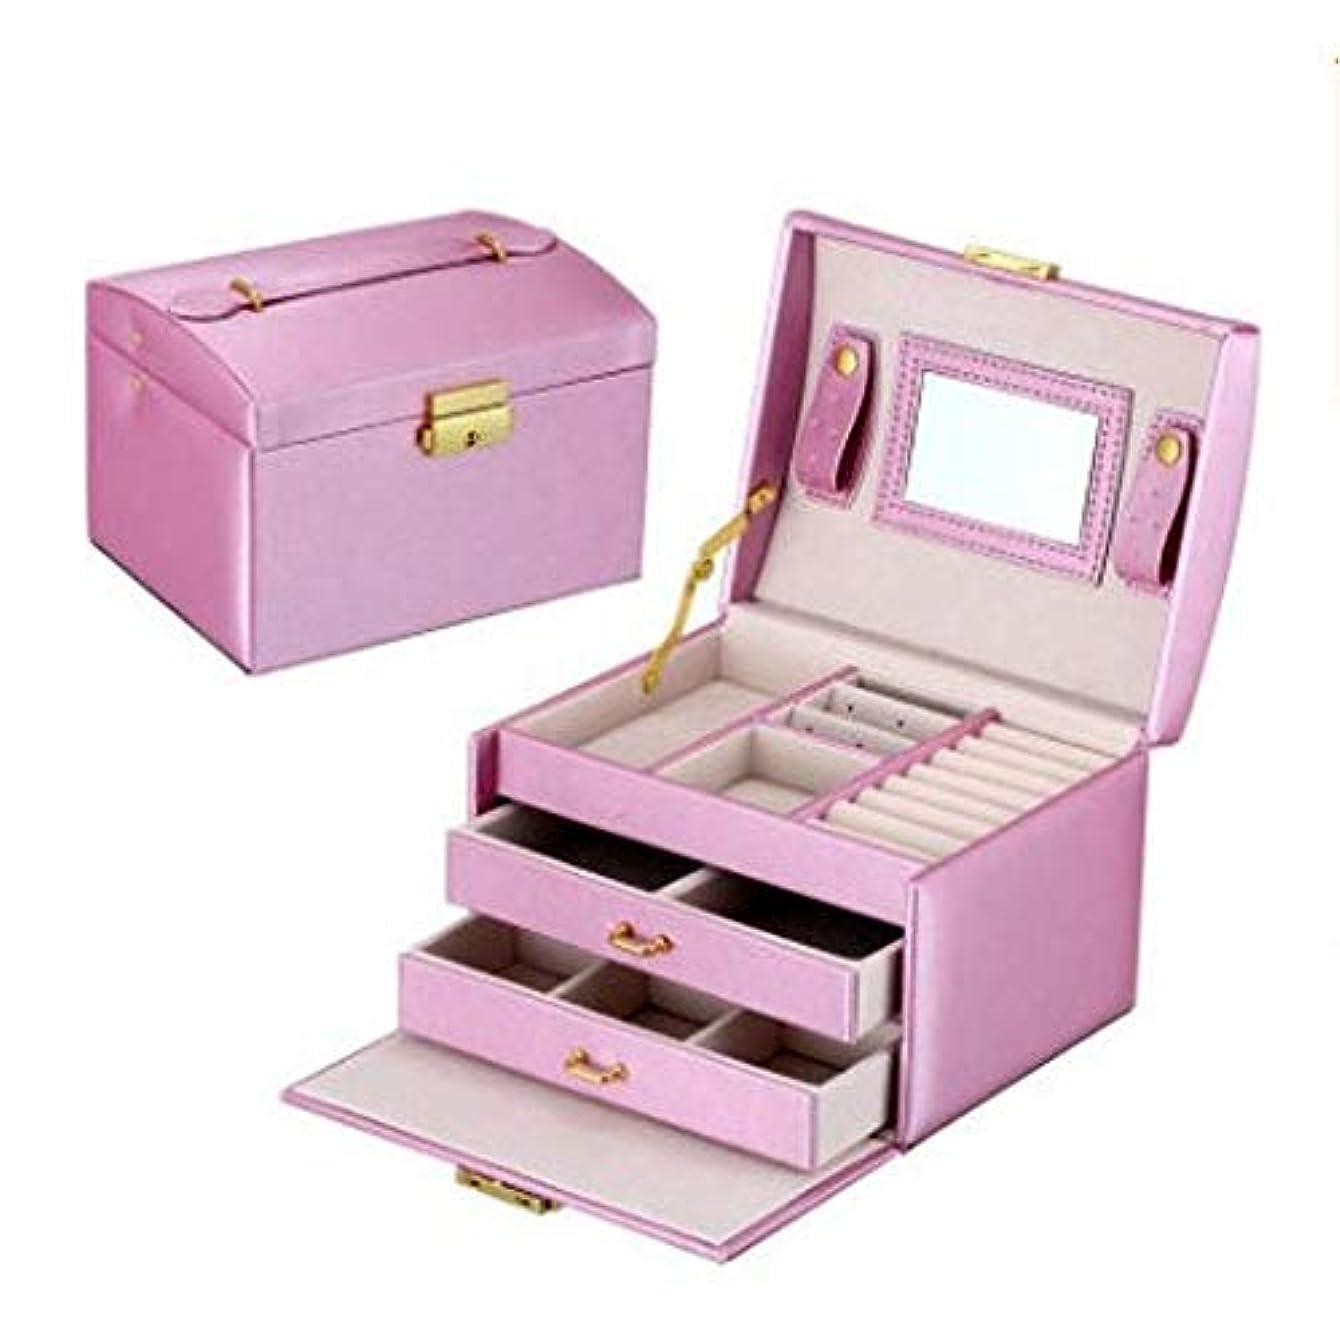 失望させる枠キロメートル特大スペース収納ビューティーボックス 大型人工皮革トラベルジュエリーボックス収納ボックスディスプレイリングイヤリングネックレス(5色オプション) 化粧品化粧台 (色 : Purple pink)